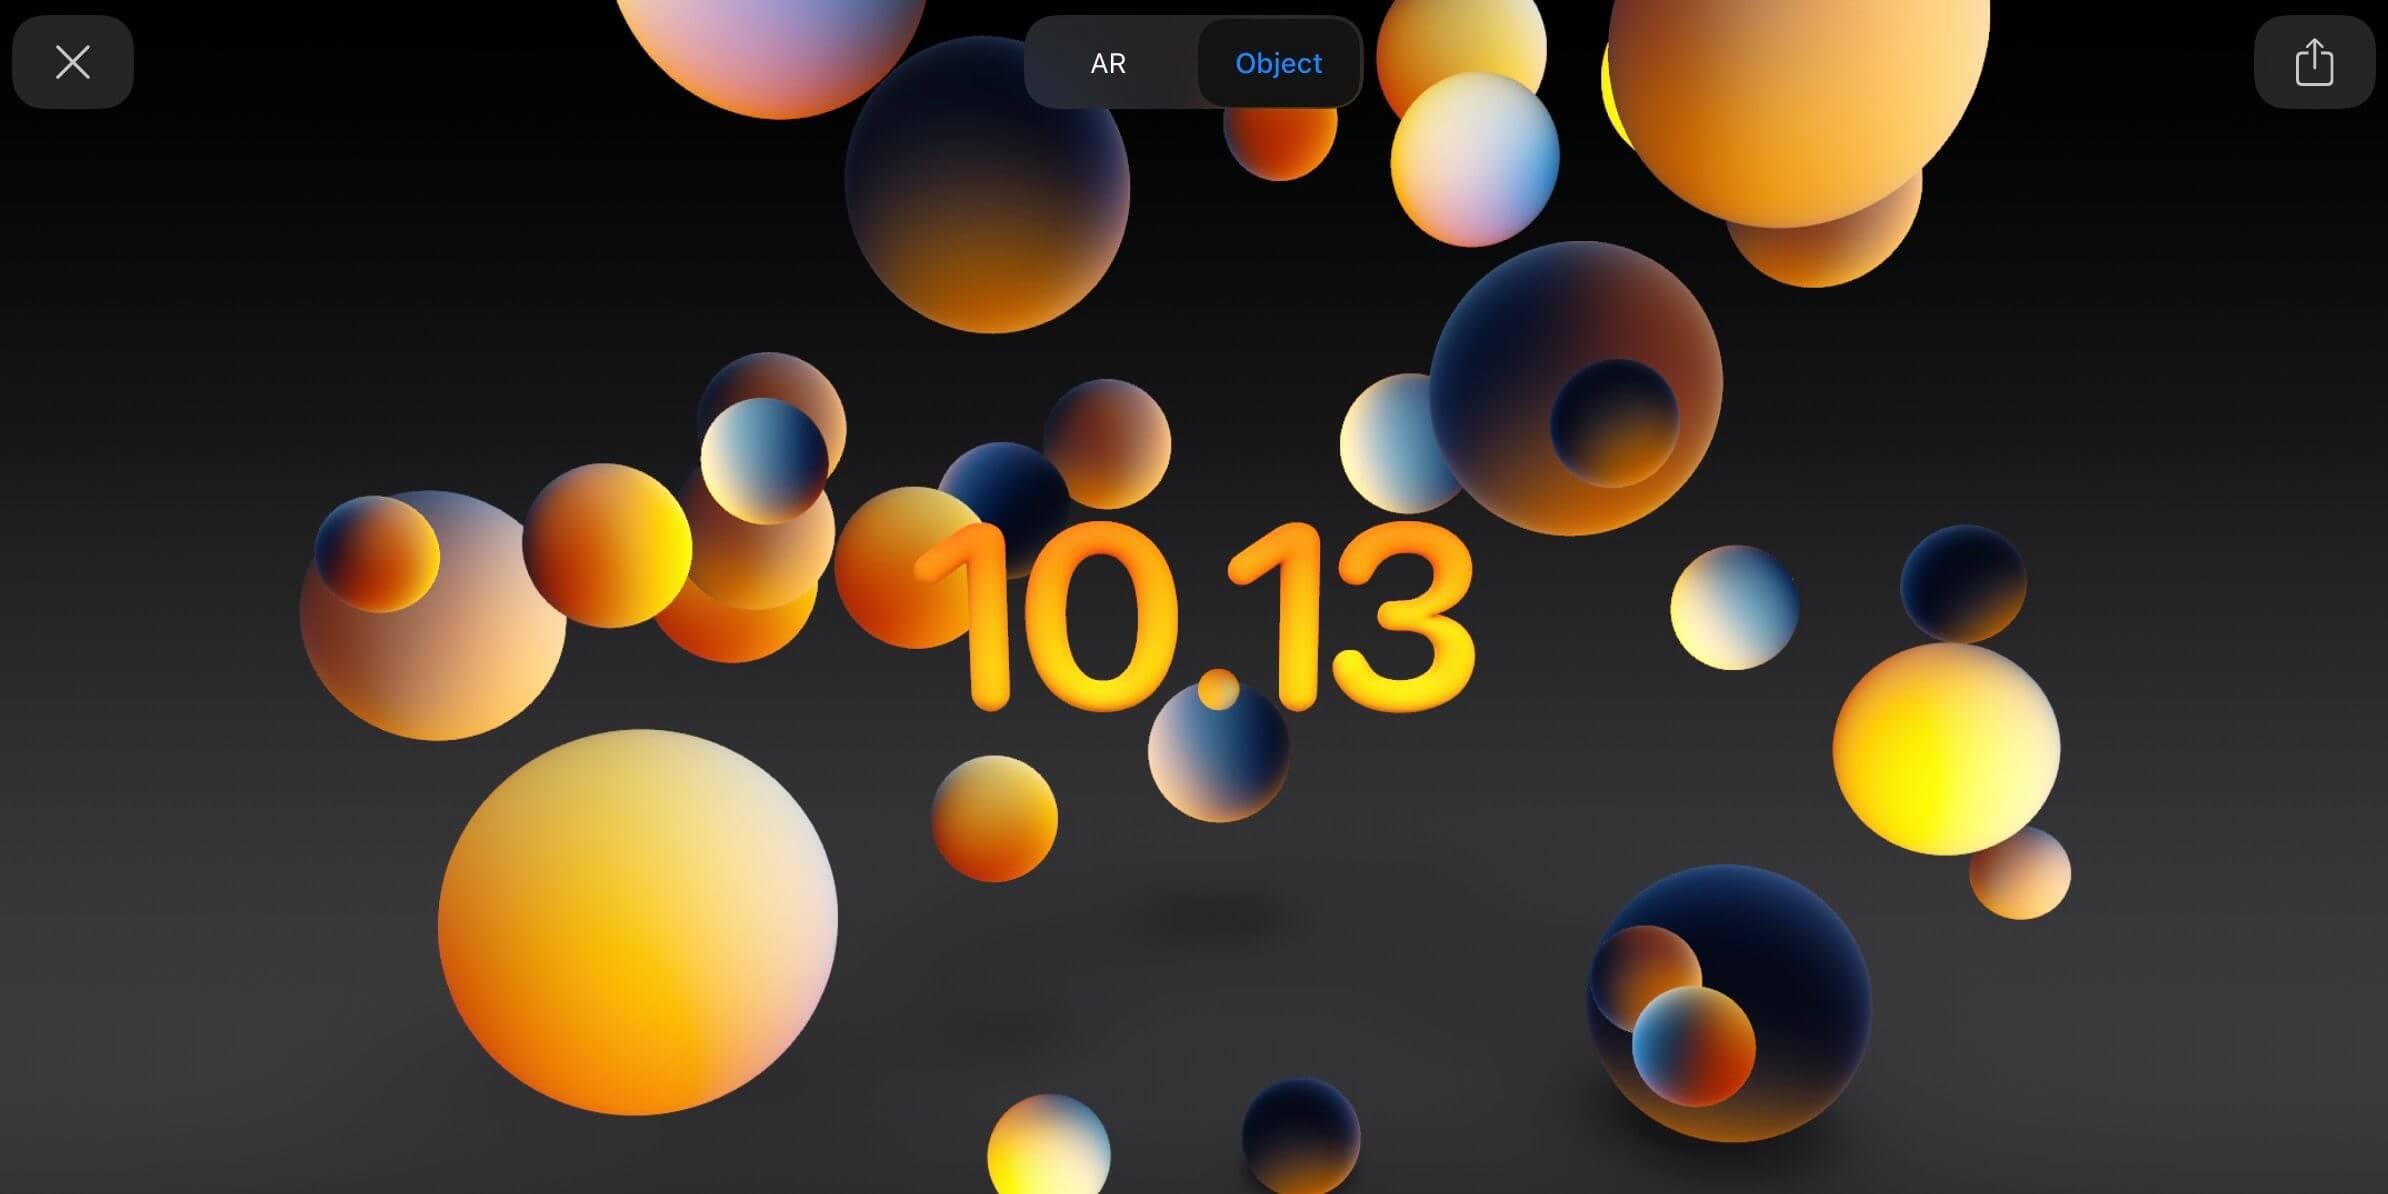 Apple приготовила скрытый сюрприз дополненной реальности на своем сайте октябрьского мероприятия «iPhone 12»